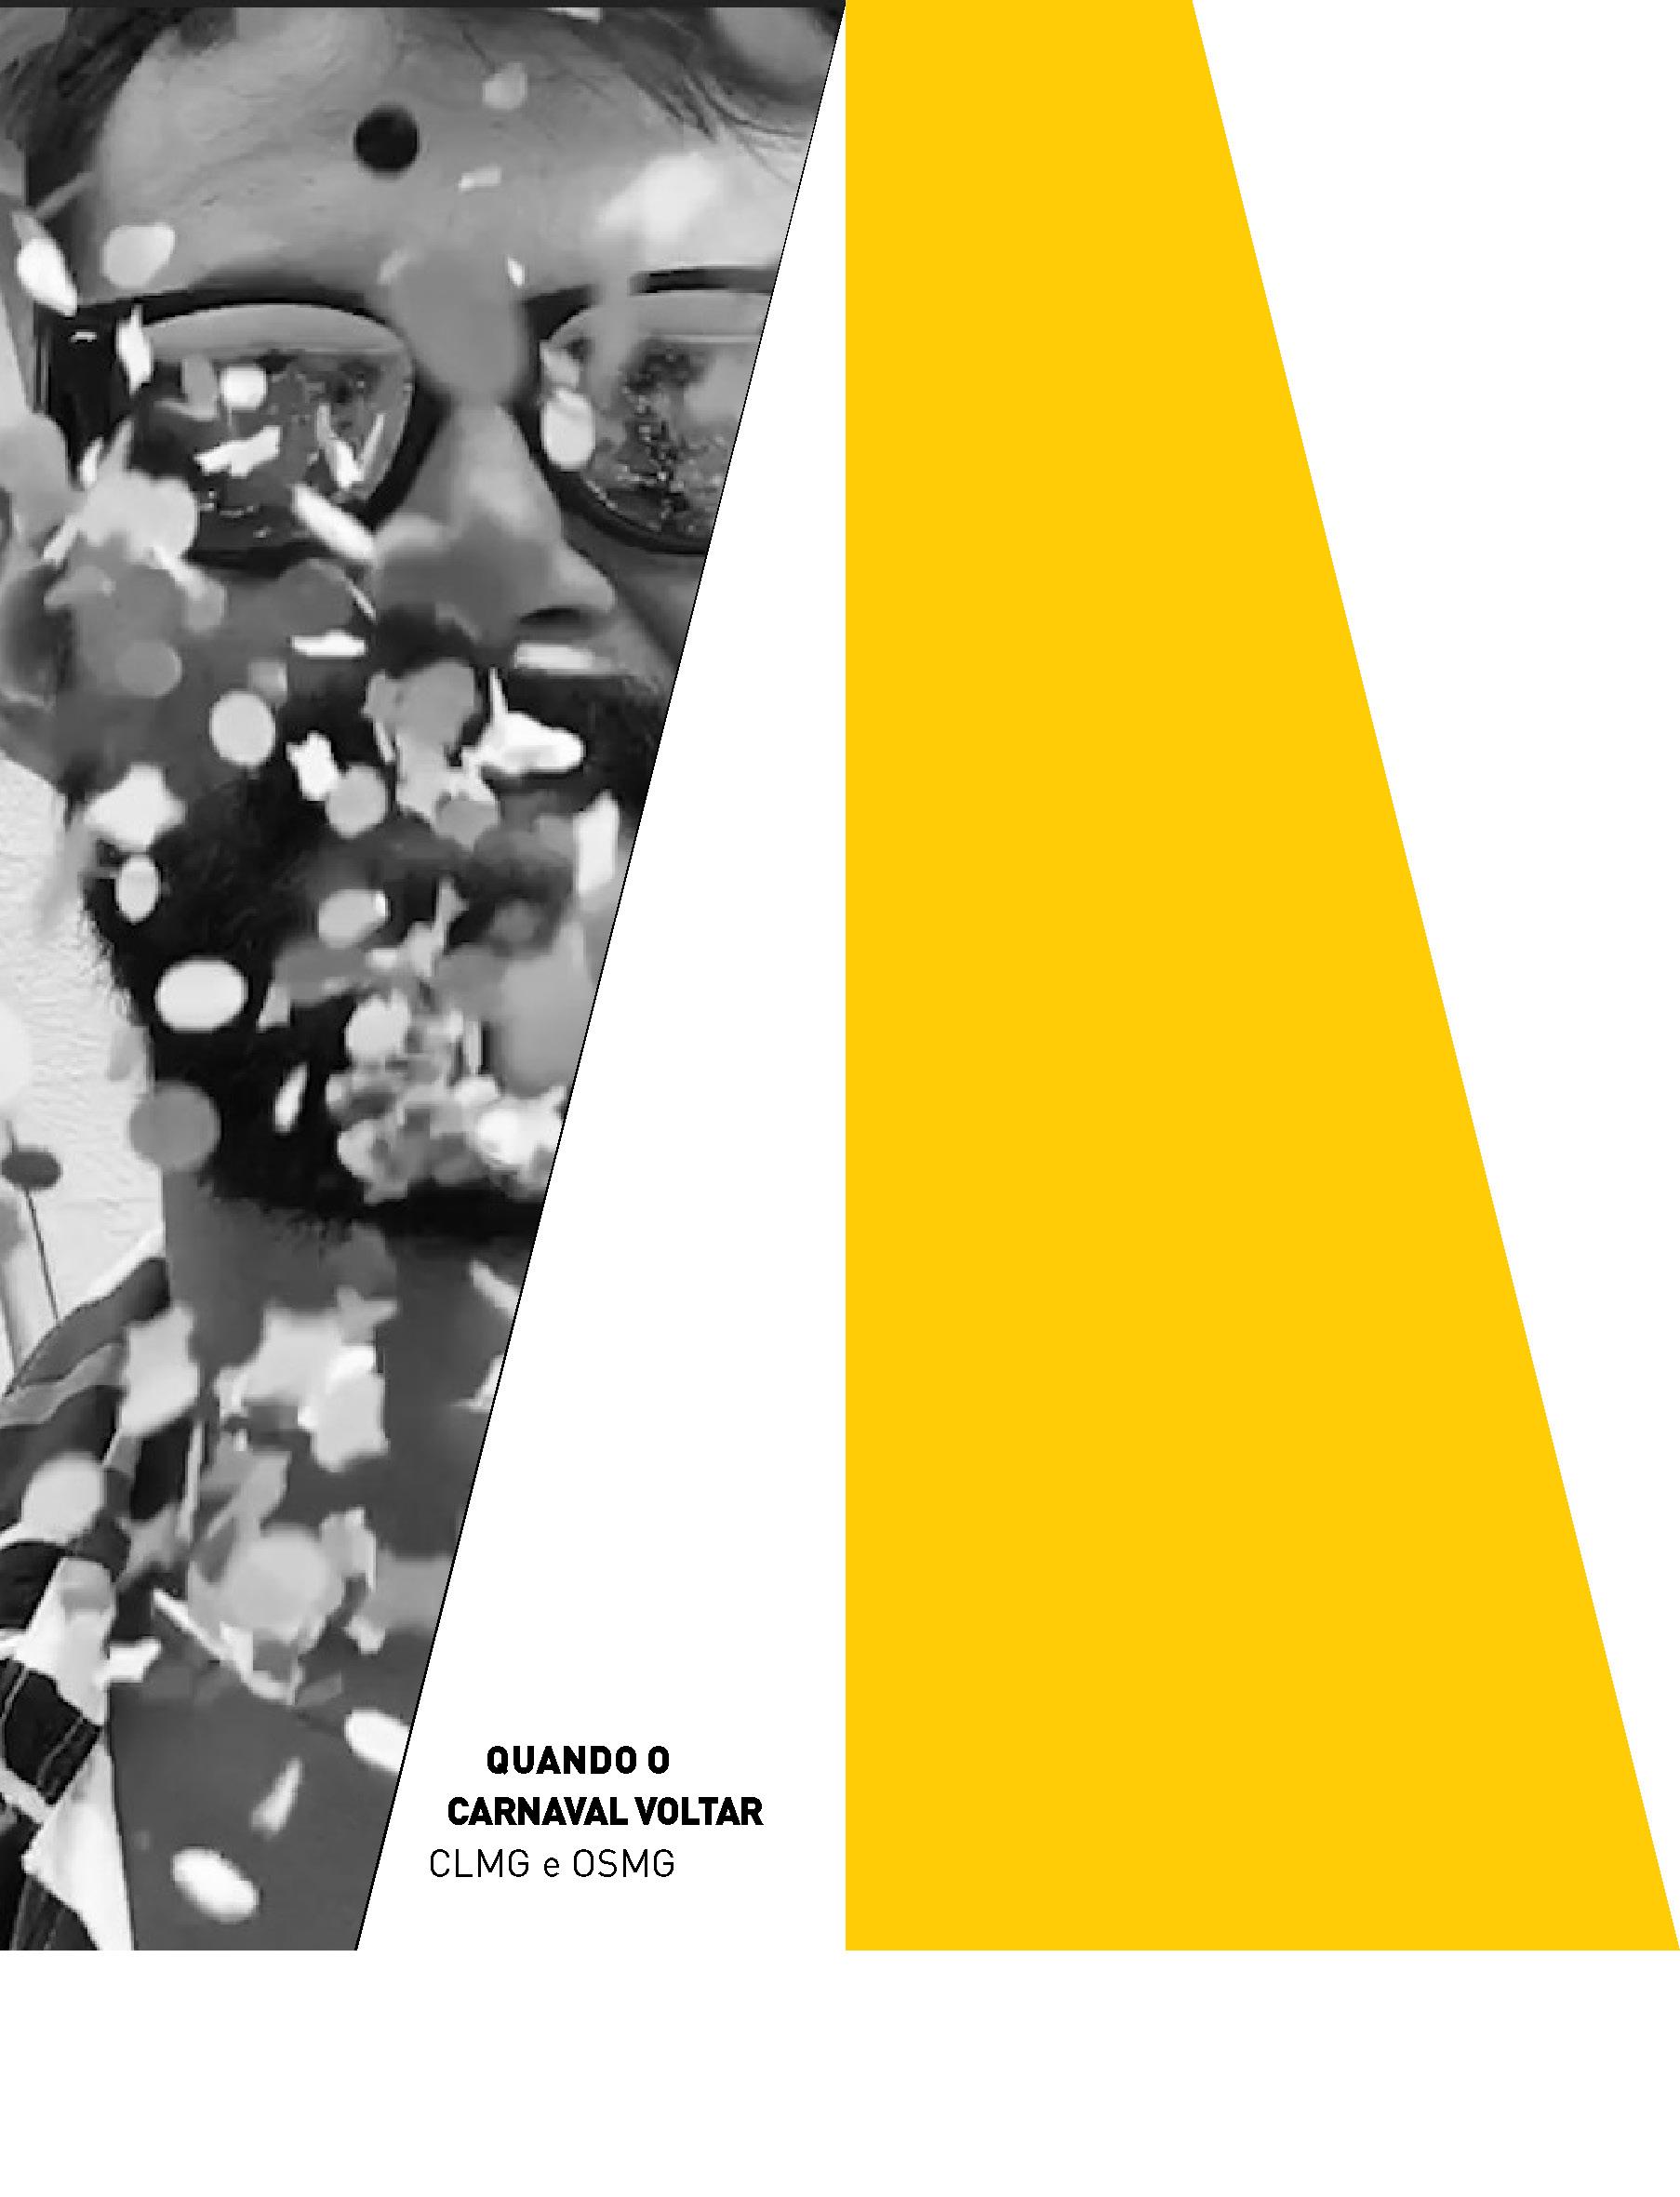 Evento: Orquestra Sinfônica e Coral Lírico de Minas Gerais interpretam repertório carnavalesco em vídeo